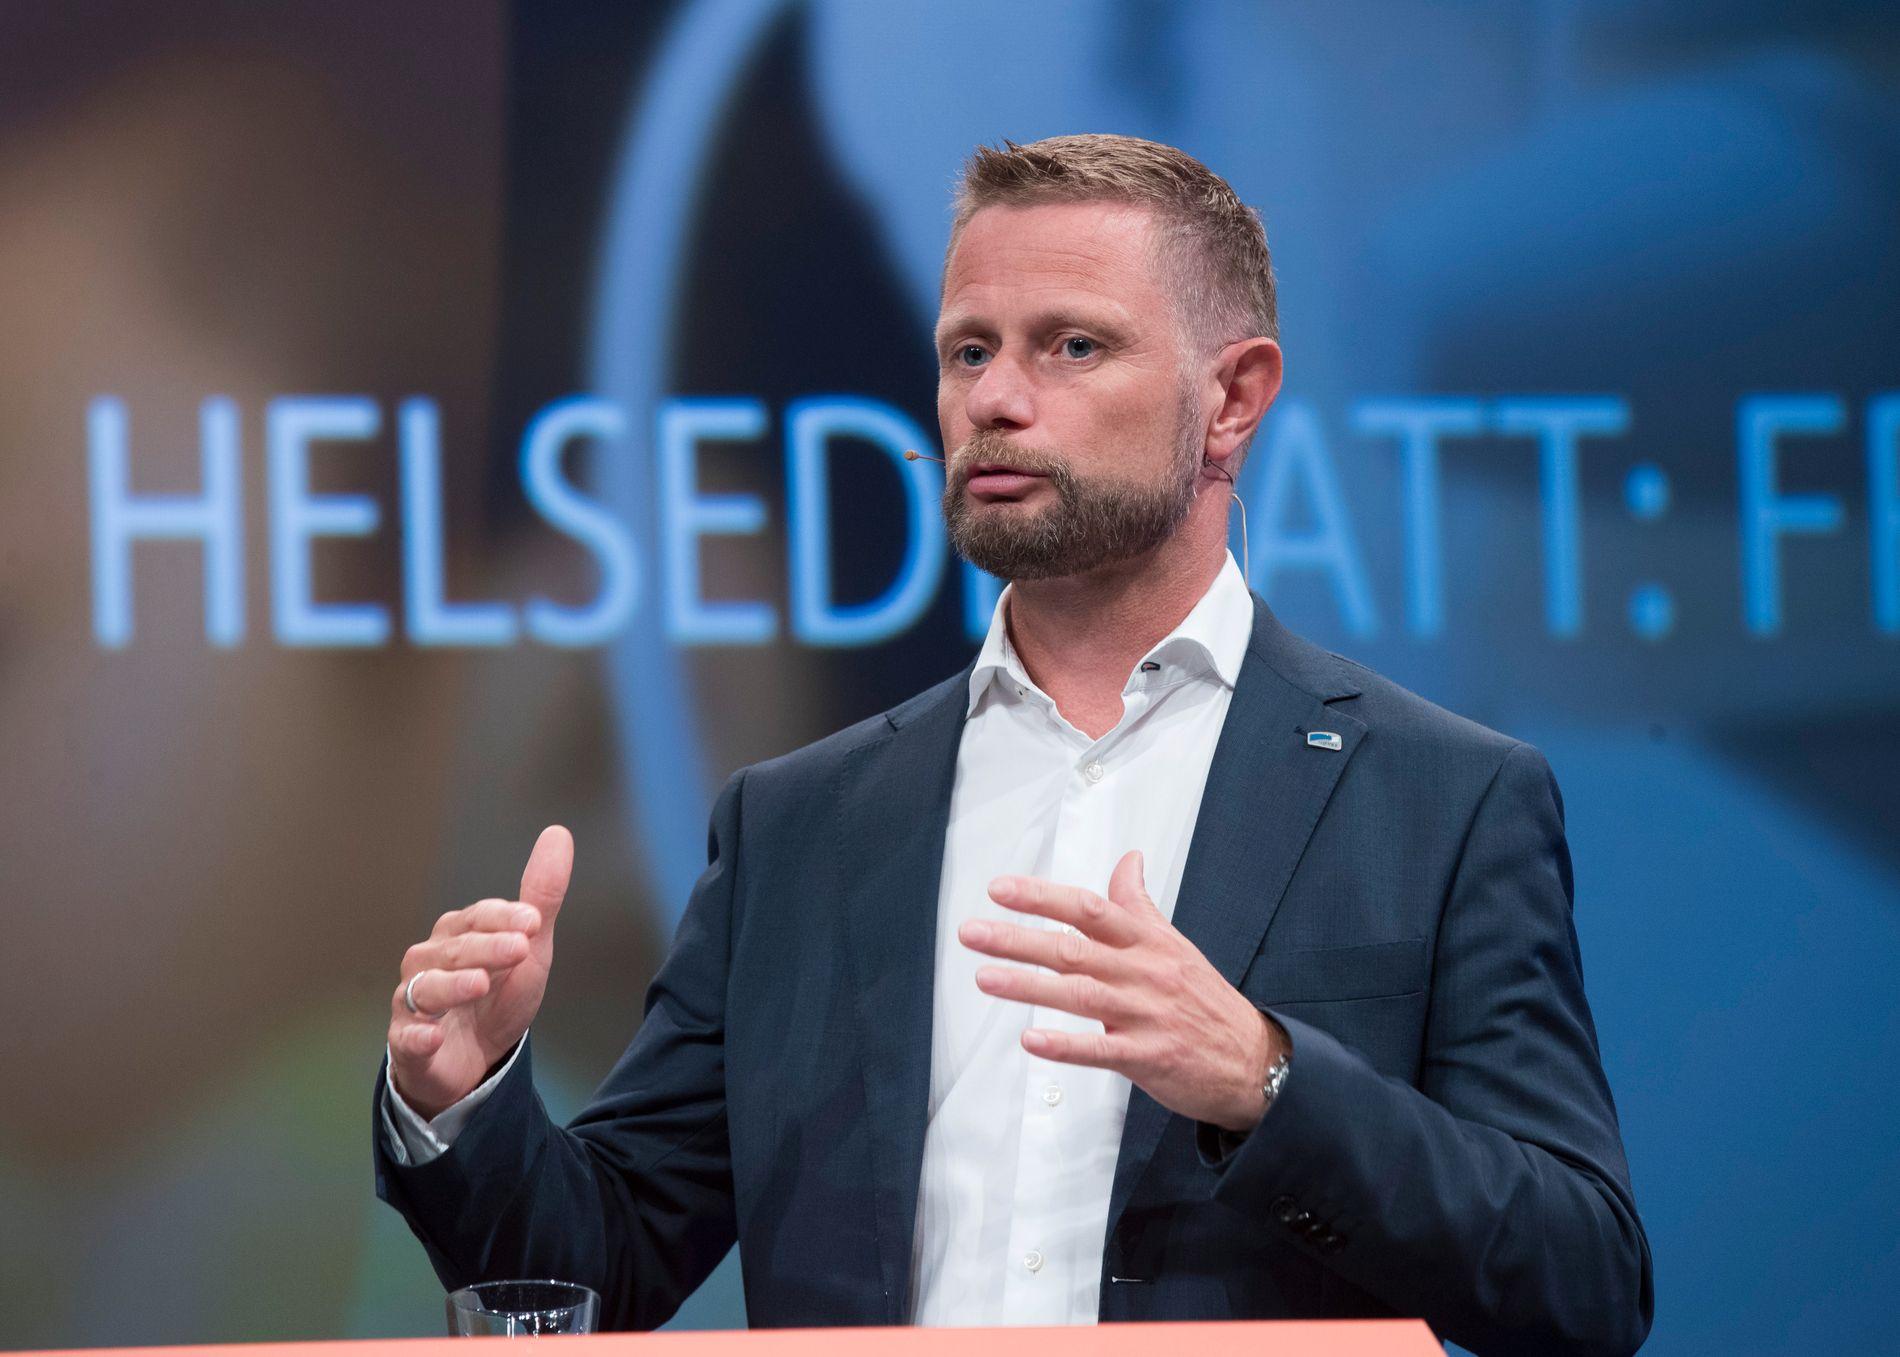 IKKE NÅDD MÅLET: Helseminister Bent Høie (H) har i flere år hatt et mål om sterkere vekst i psykisk helsevern og rusbehandling enn for somatikk. .